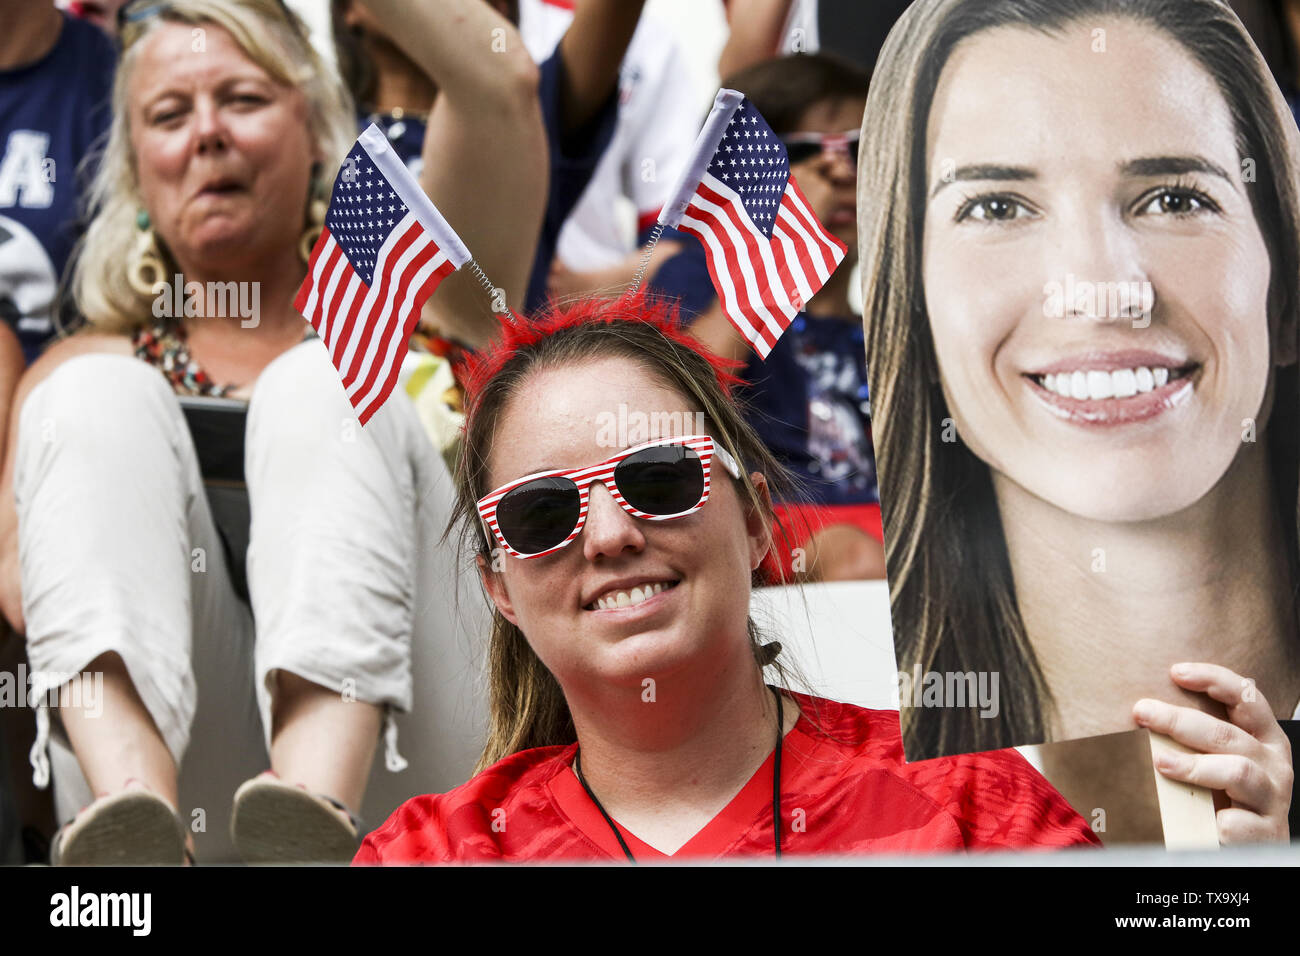 24 de junio de 2019 - Durante la Francia 2019 Copa del Mundo de Fútbol Femenino de octavos de final del partido de fútbol entre España y EE.UU., el 24 de junio de 2019, en el estadio Auguste-Delaune en Reims, en el norte de Francia. (Crédito de la Imagen: © Elyxandro CegarraZUMA Wire) Imagen De Stock